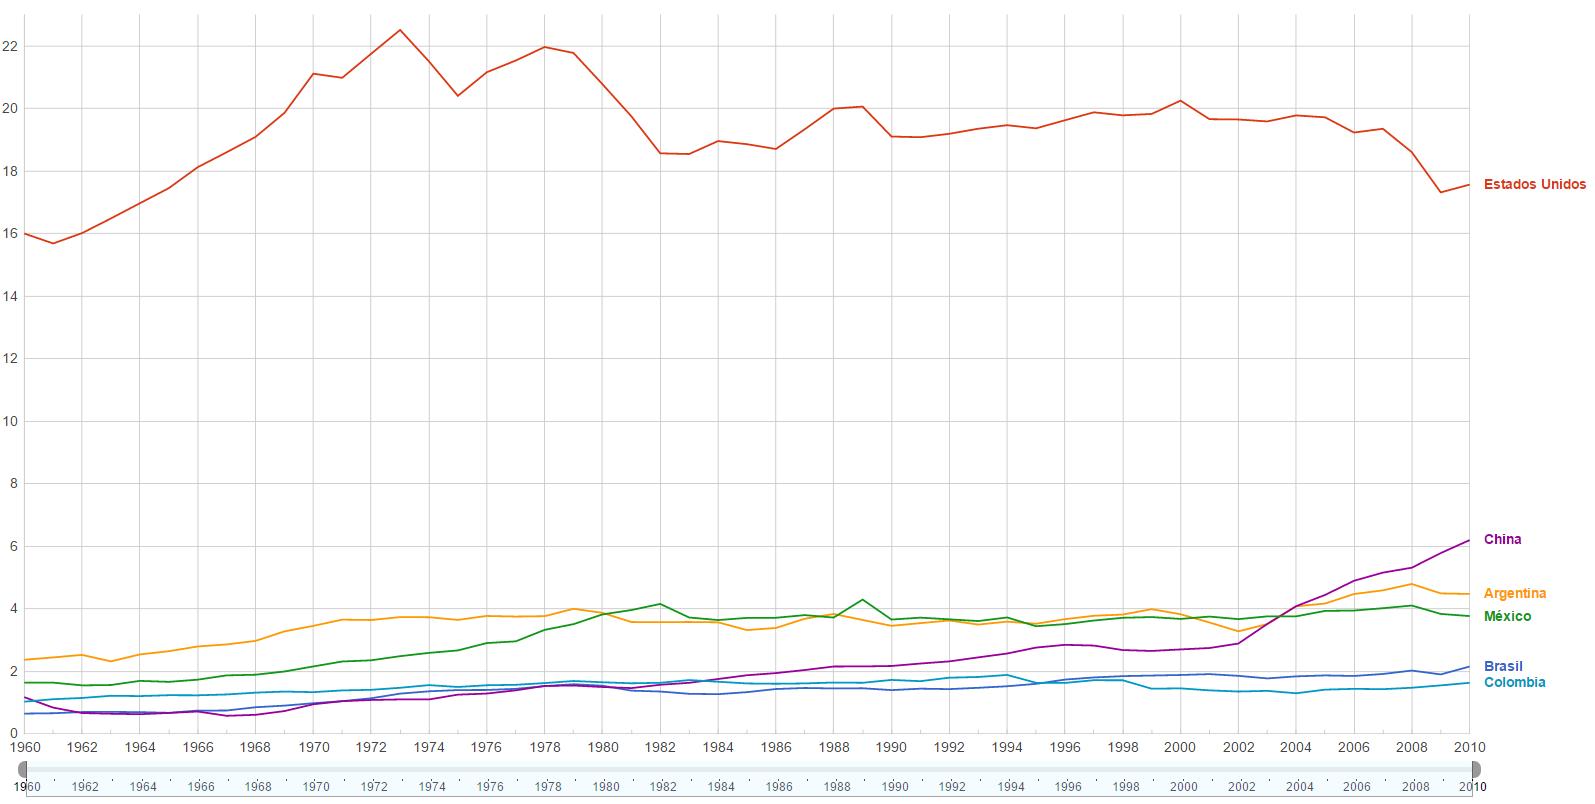 emisiones de dióxido de carbono per cápita en México